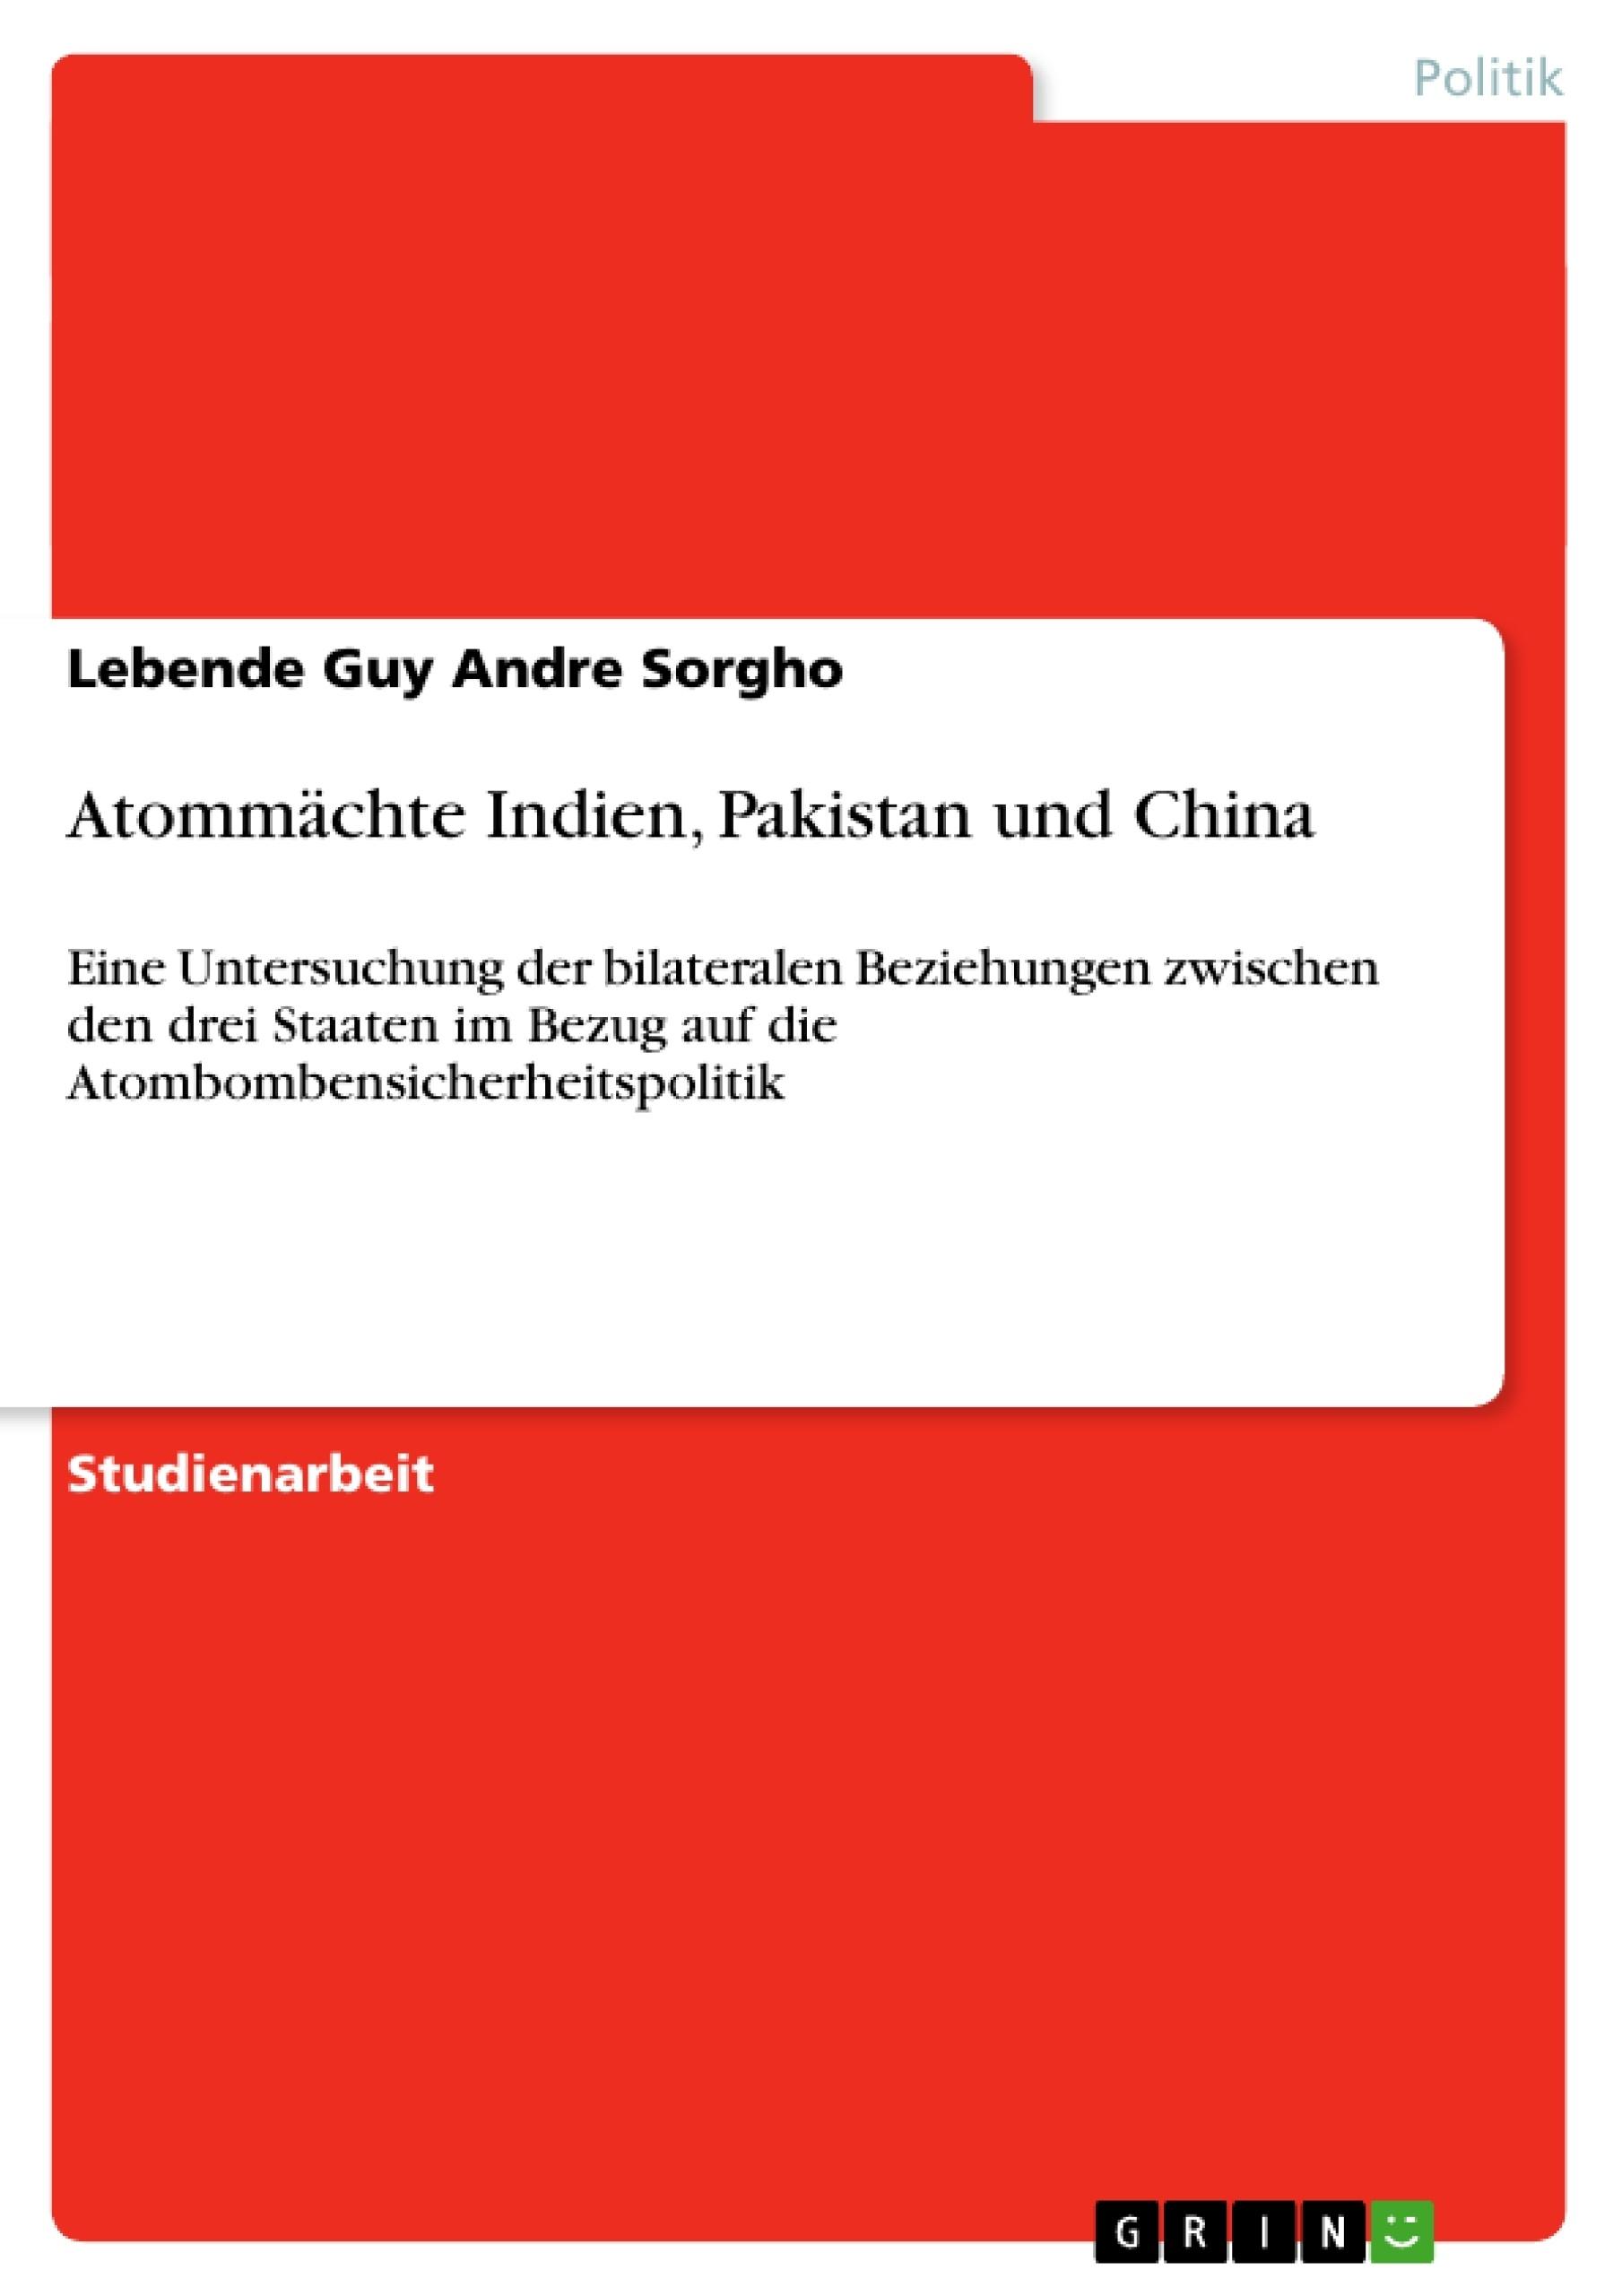 Titel: Atommächte Indien, Pakistan und China